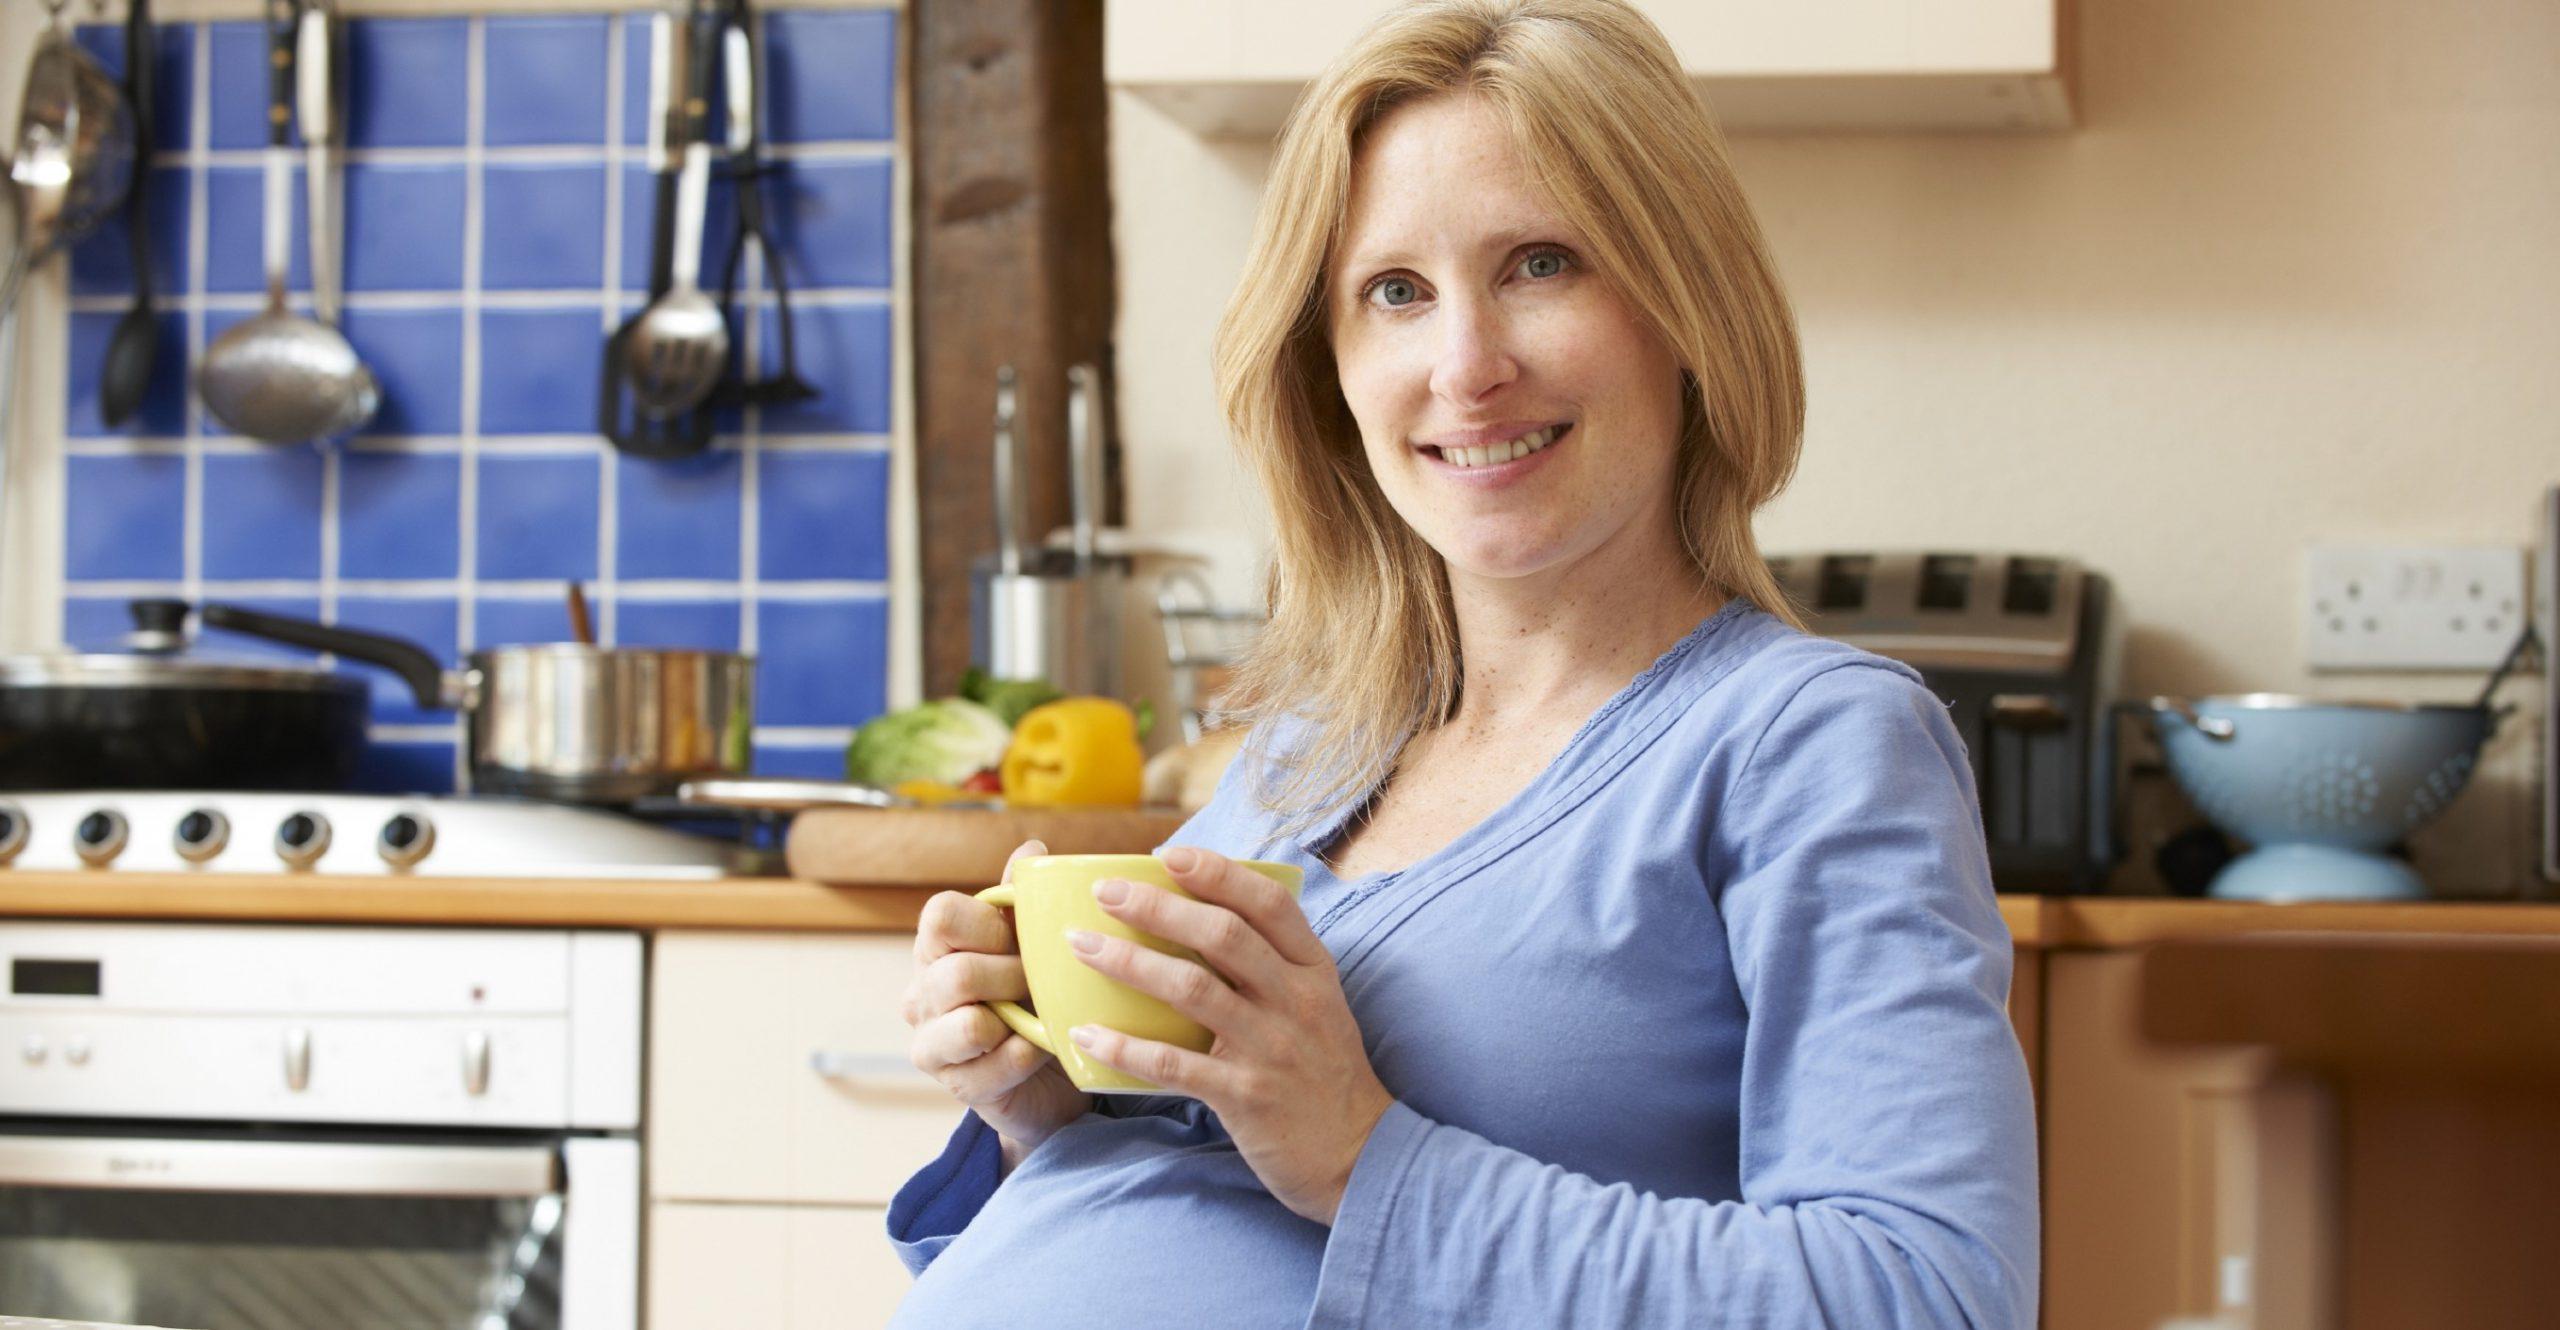 trà atiso lợi sữa là không đúng, nhưng atiso hầm giò heo có thể làm được điều này